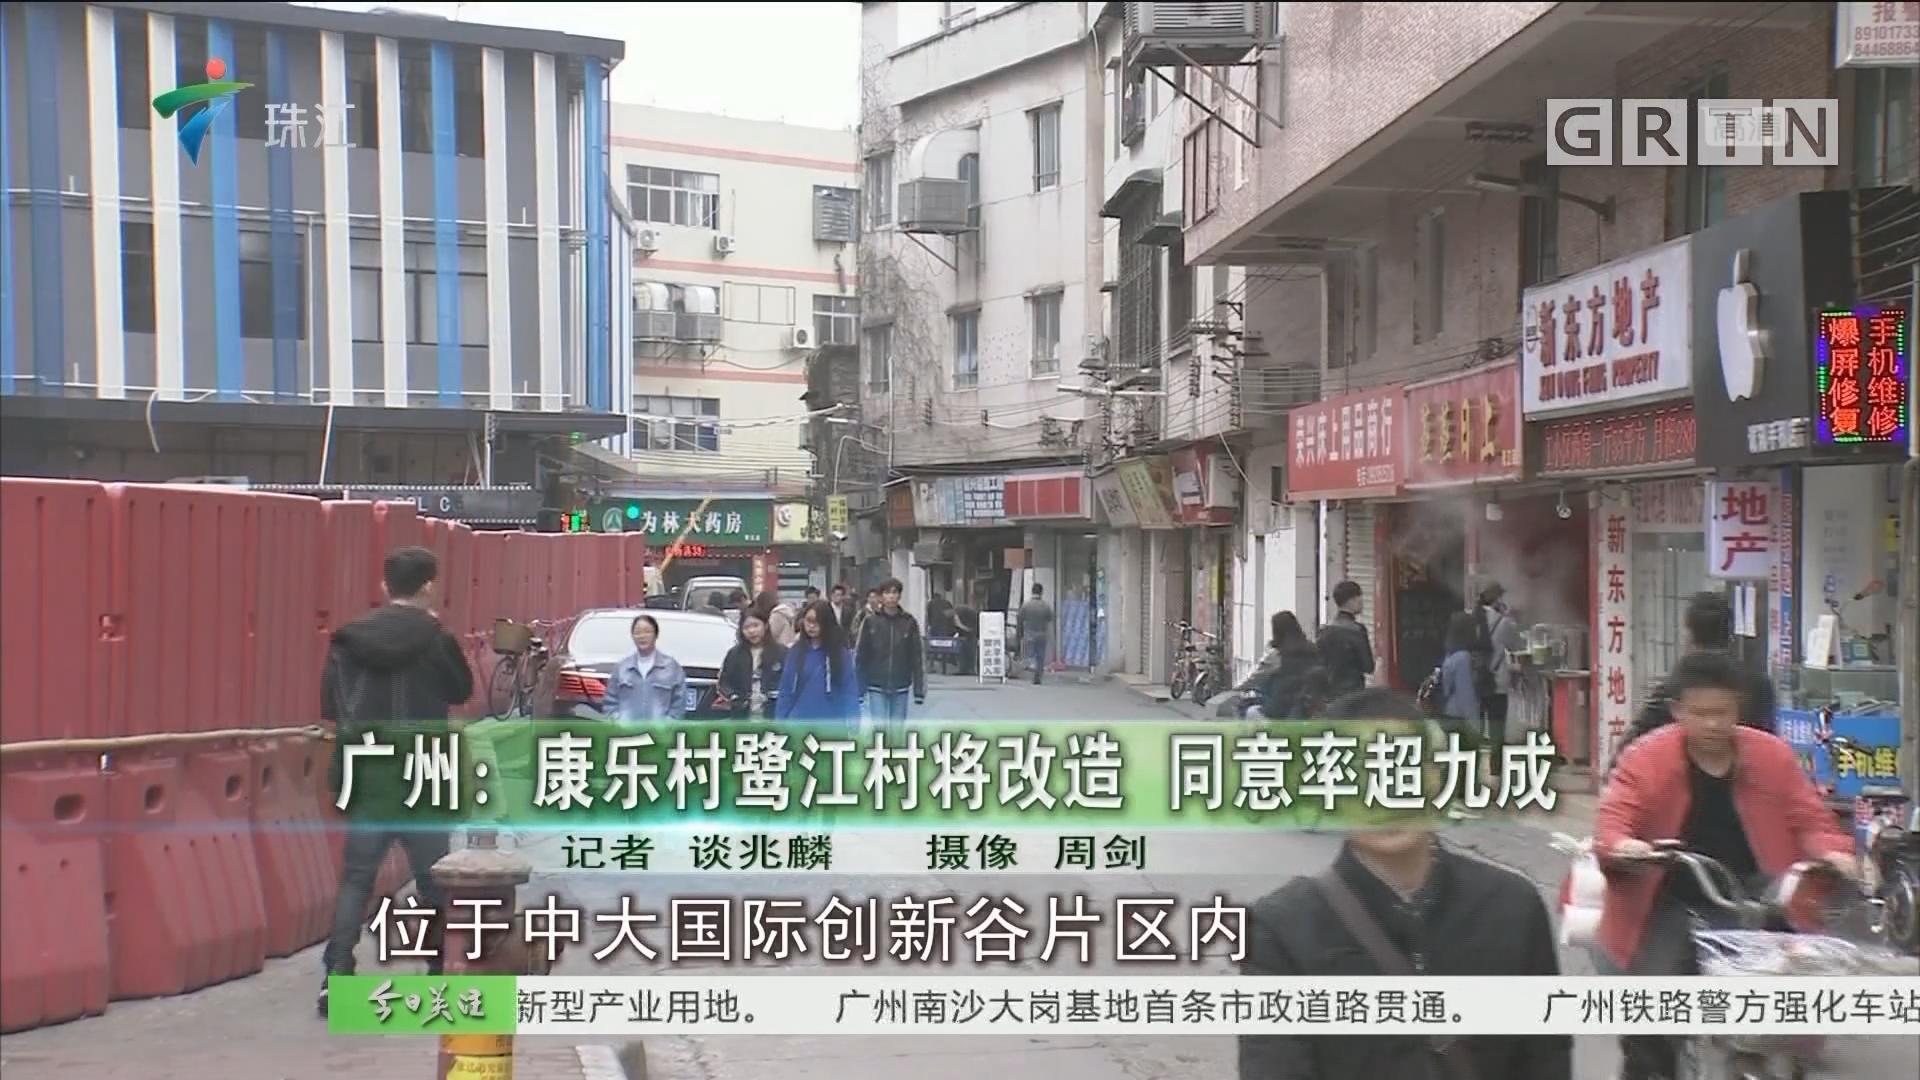 广州:康乐村鹭江村将改造 同意率超九成